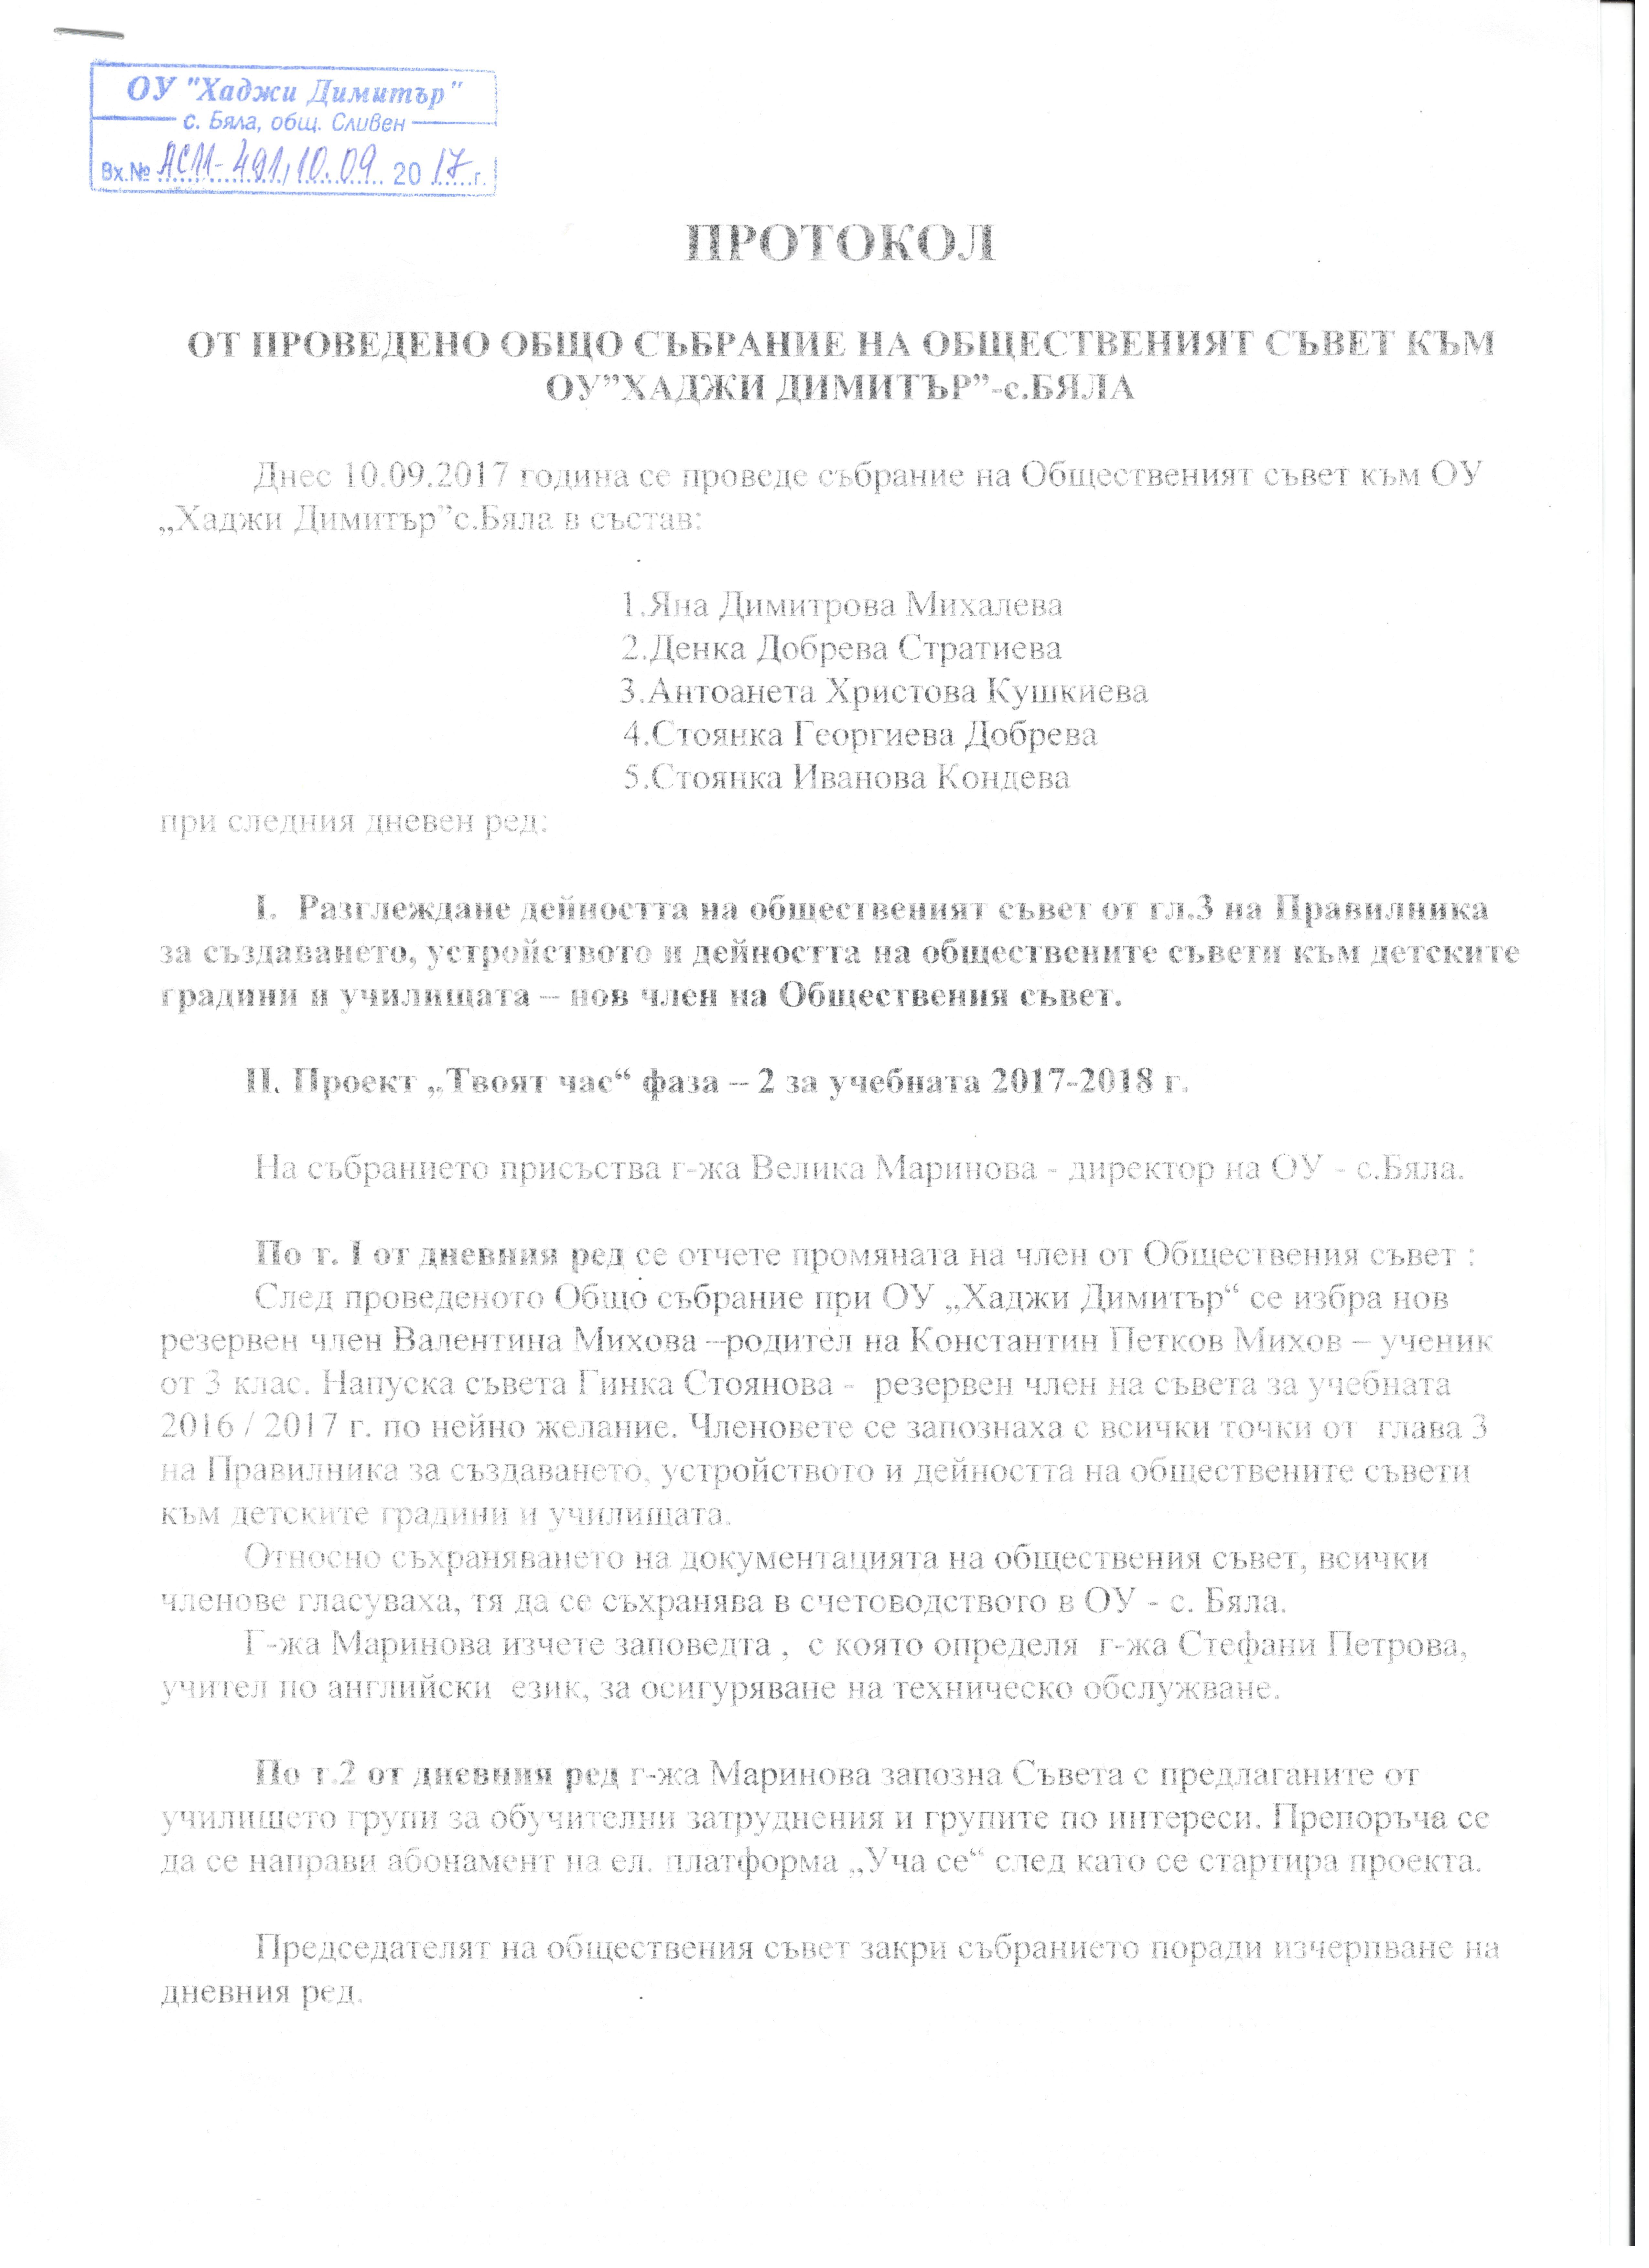 протокол ос1